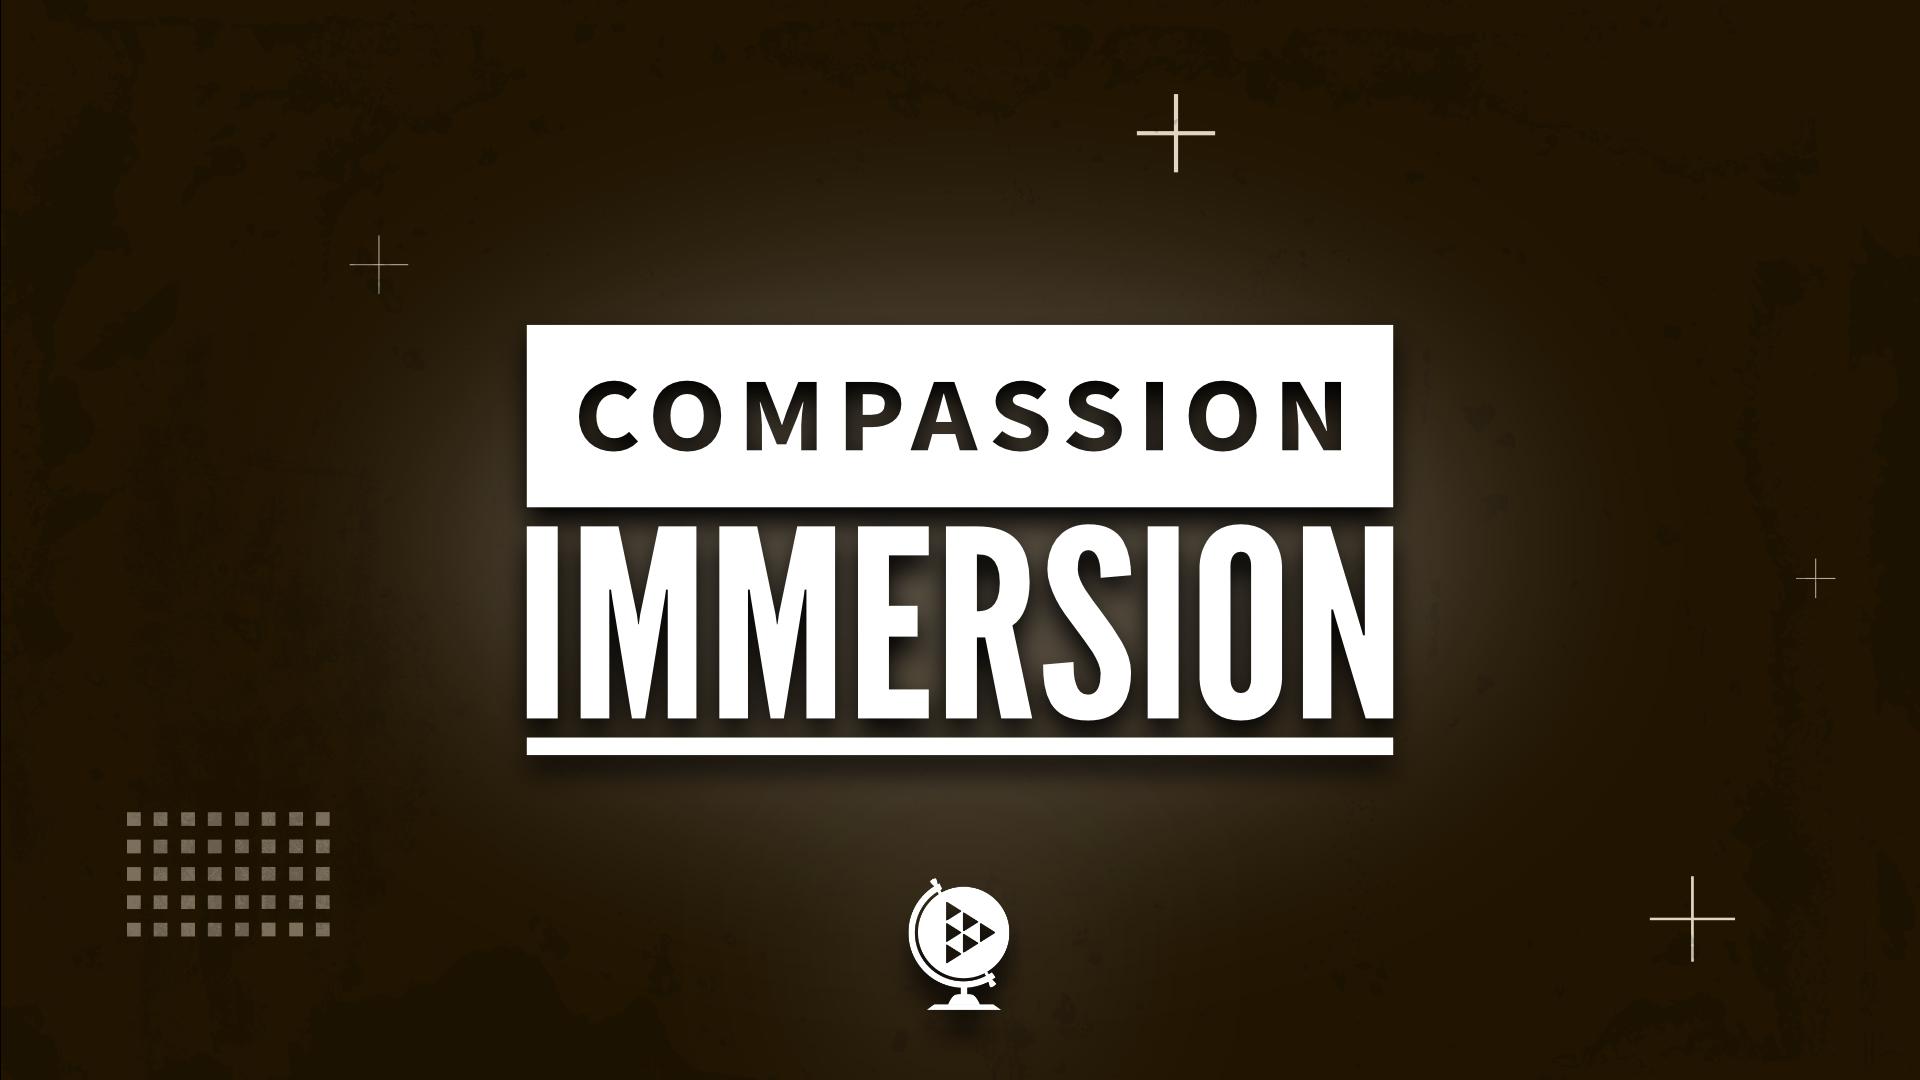 Compassion Immersion Sermon Title.jpg